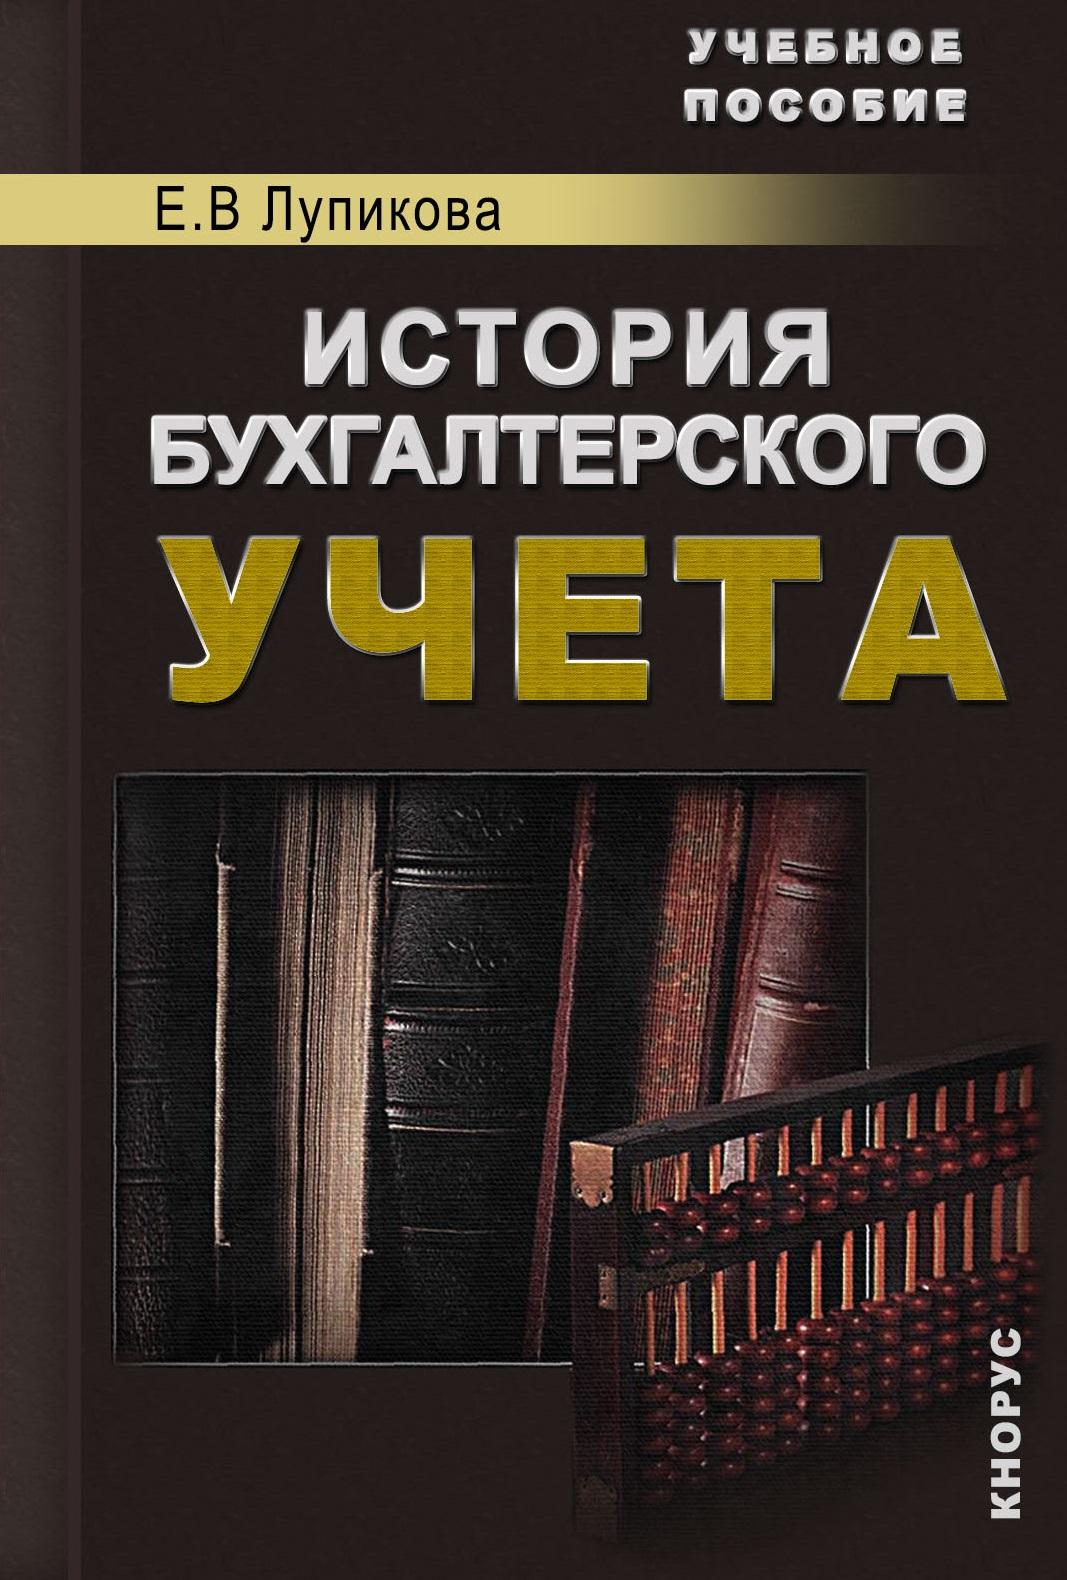 История бухгалтерского учета. Учебное пособие